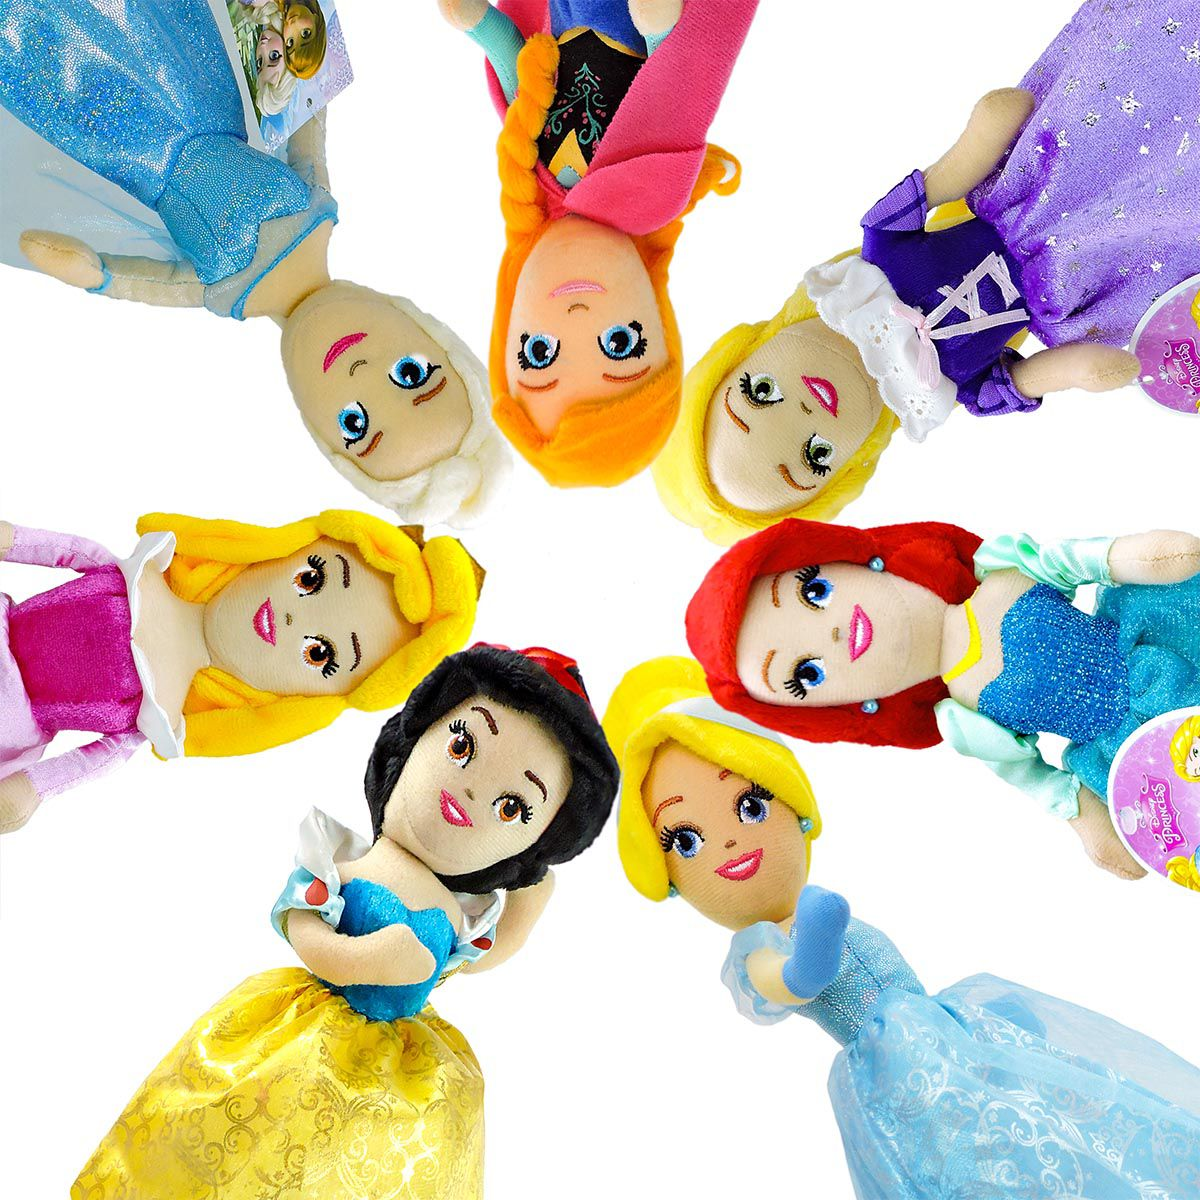 Pelúcias Princesas Cinderela Ariel Anna Elsa Rapunzel Aurora e Branca  de Neve